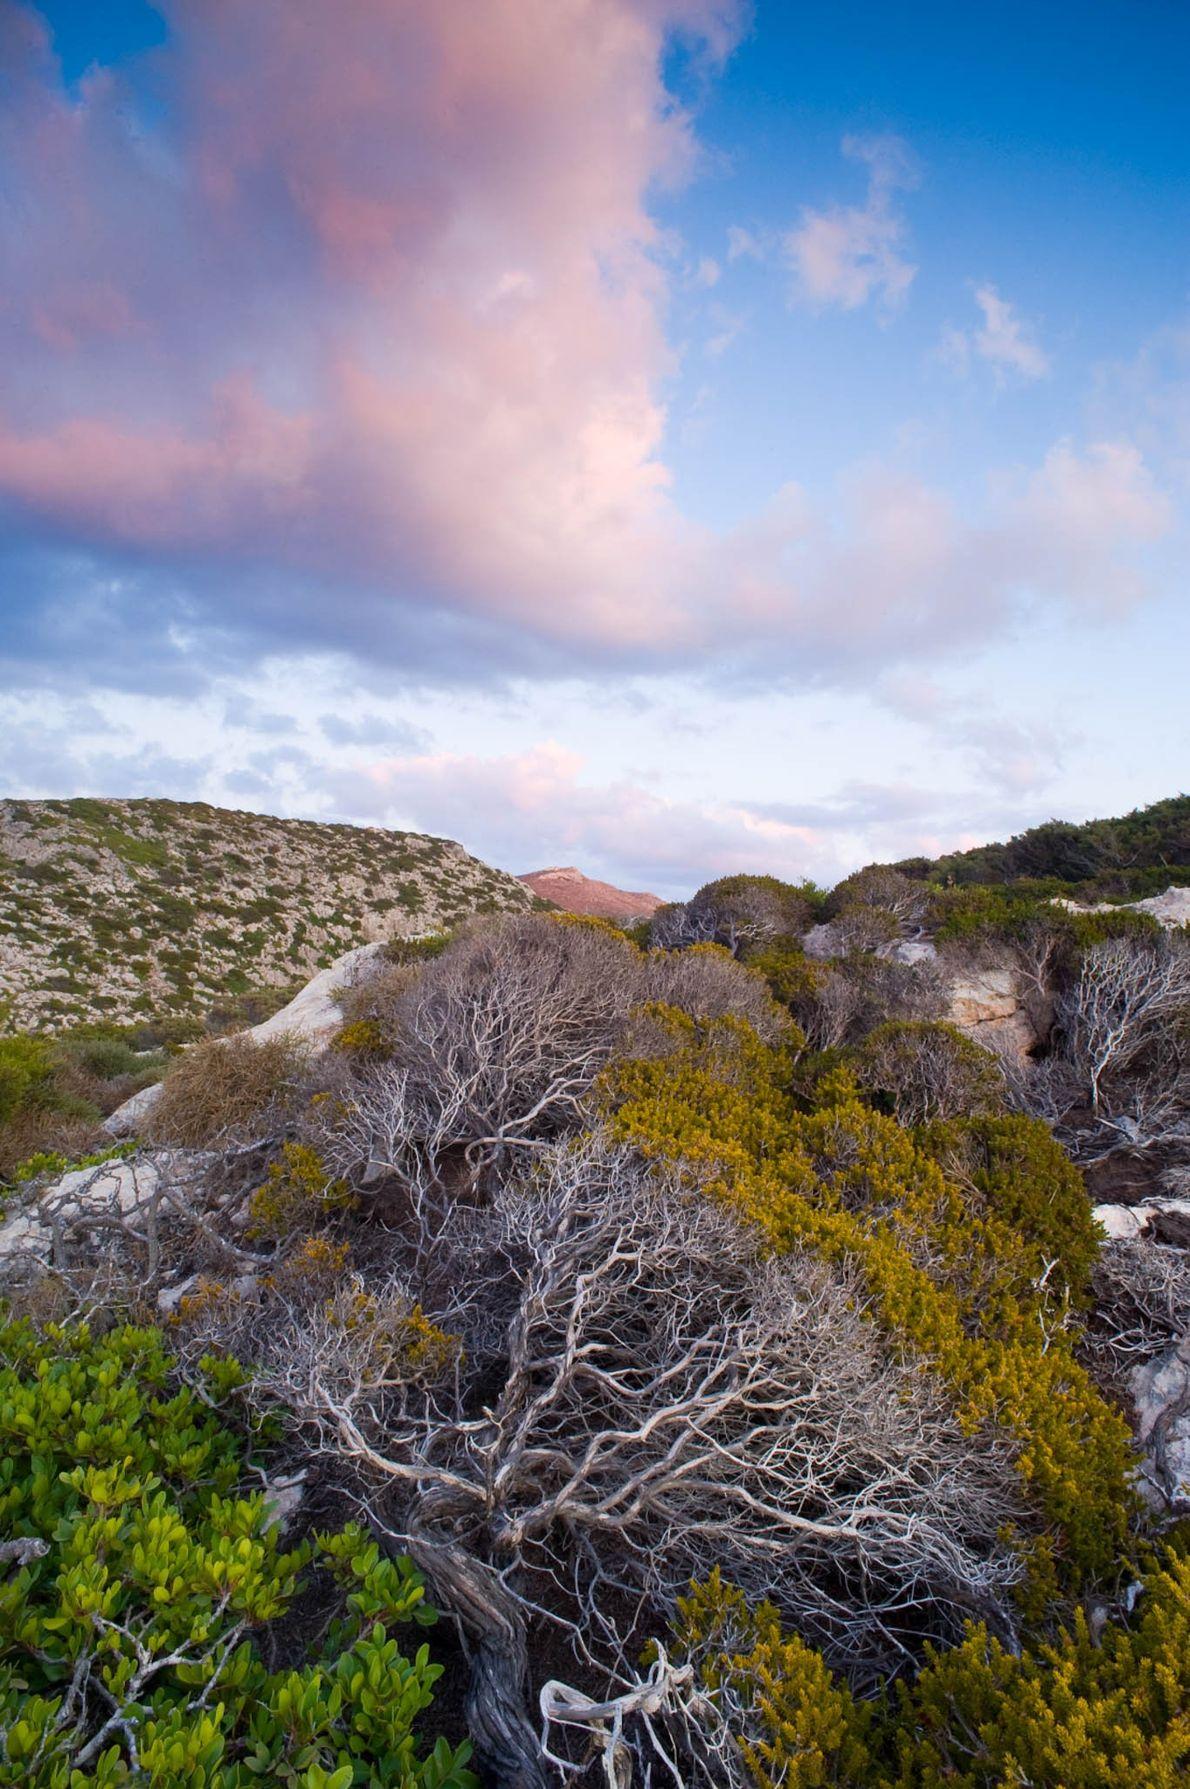 Antikythera, Greece